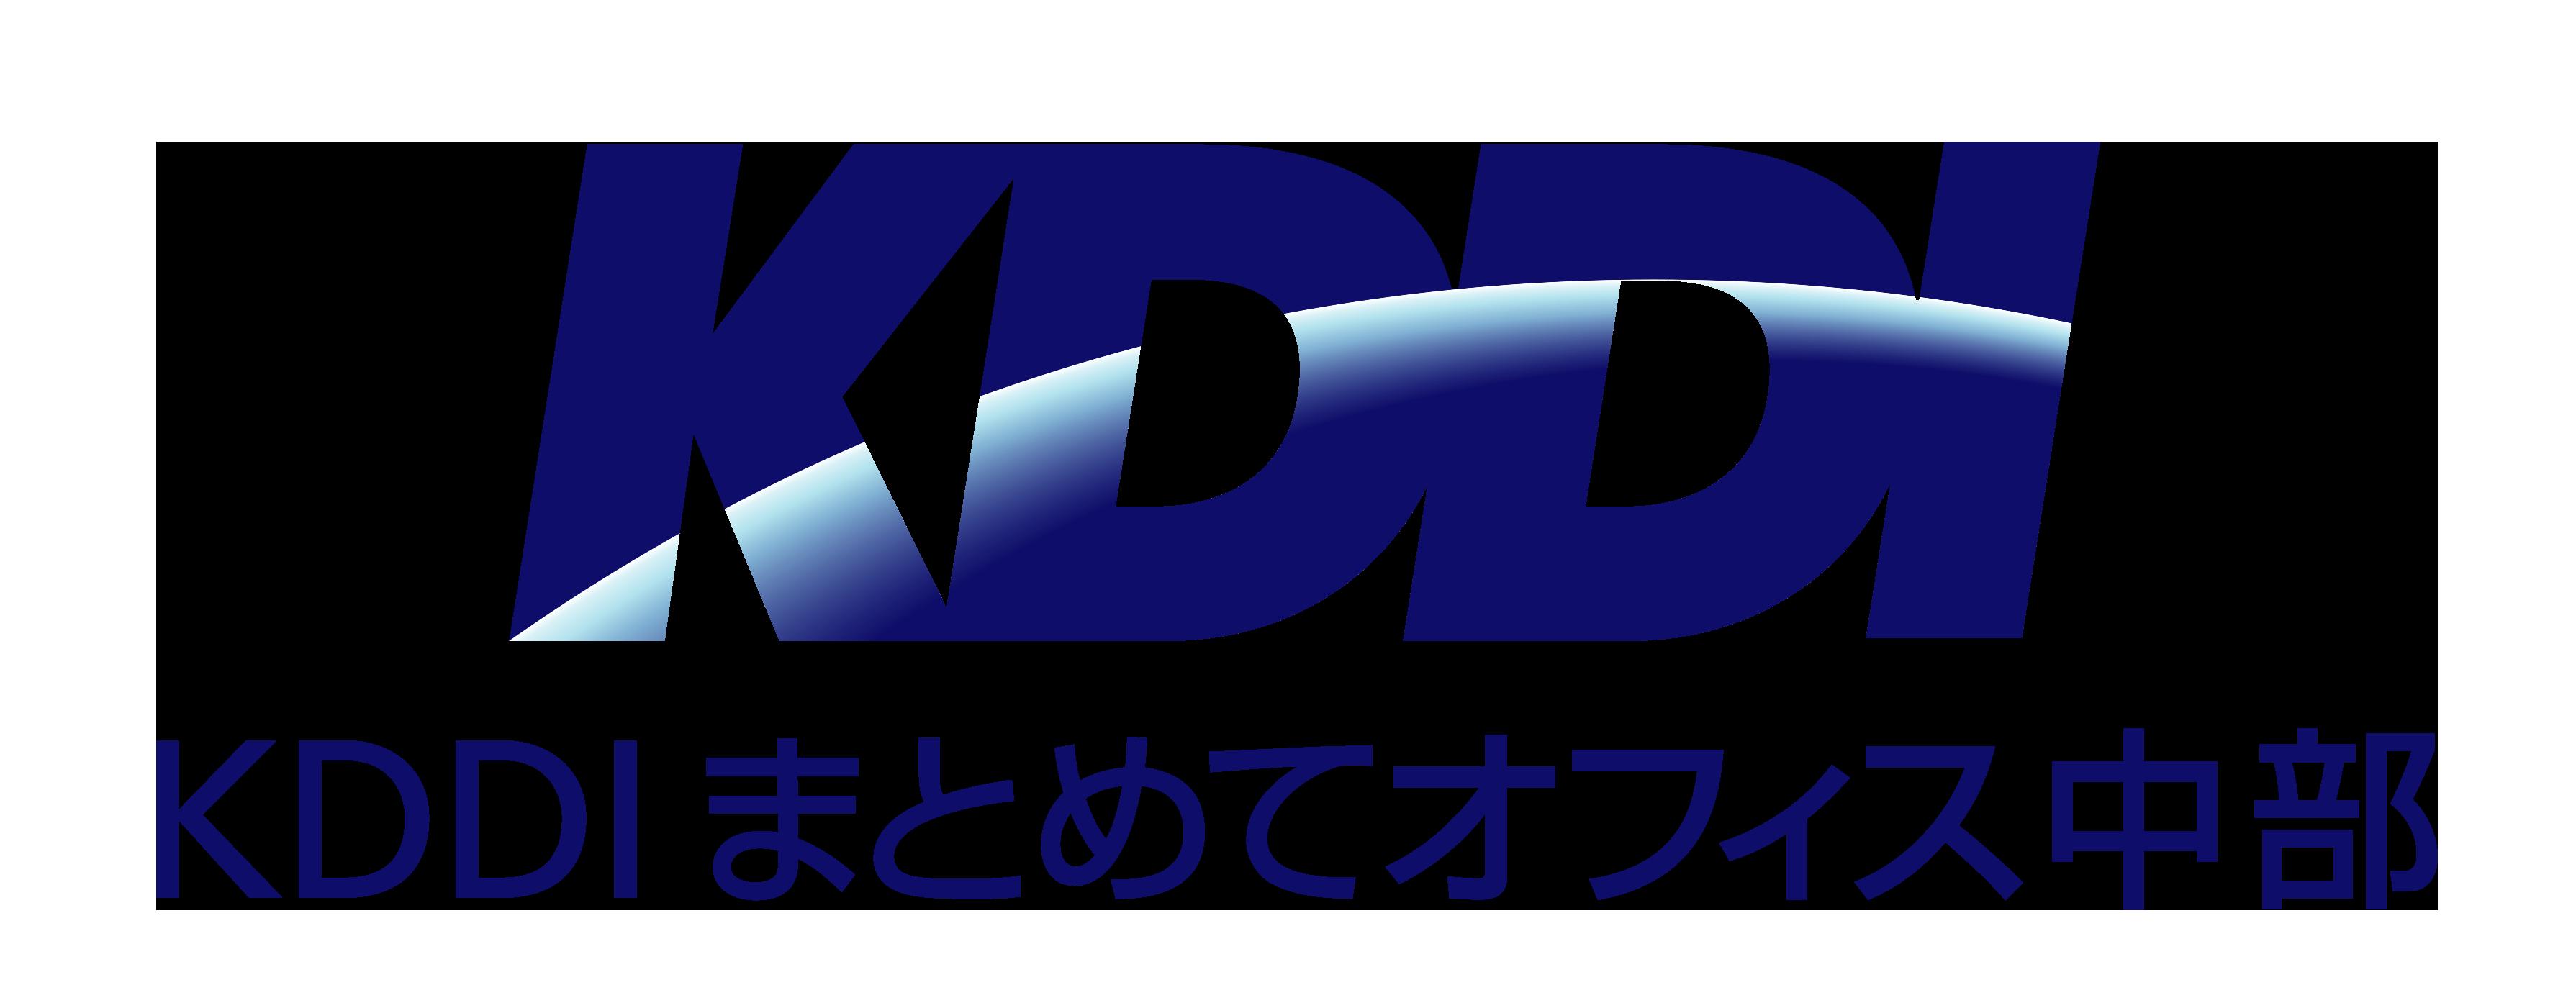 KDDI まとめてオフィス中部(株)